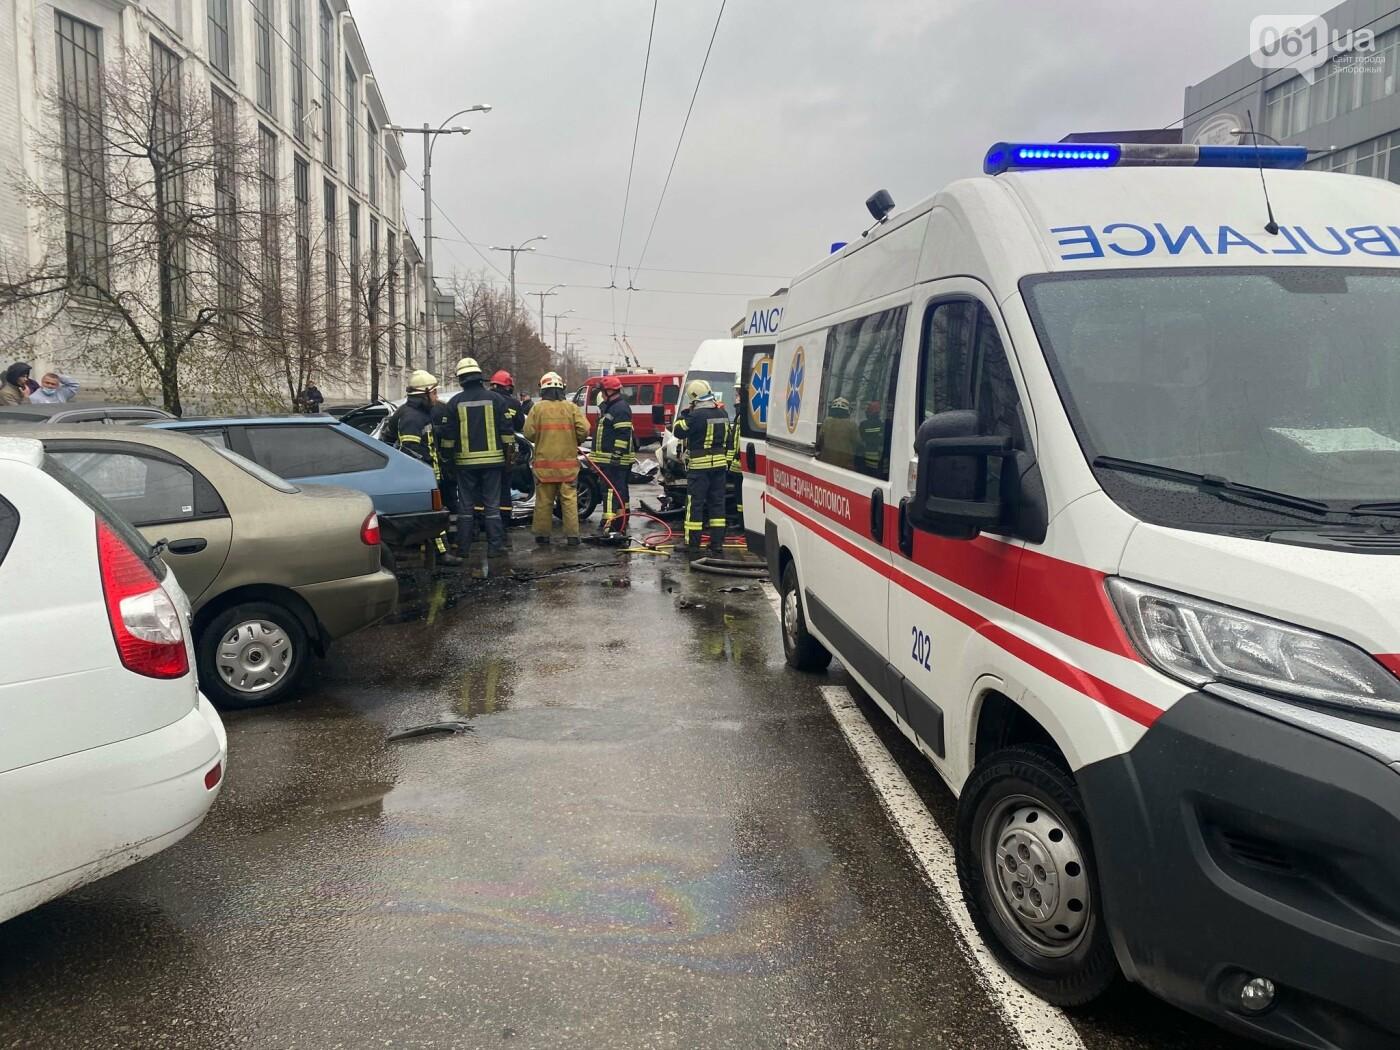 Авария в Запорожье: спасатели срезали крышу легкового автомобиля, чтобы достать погибшую пассажирку, - ФОТО , фото-2